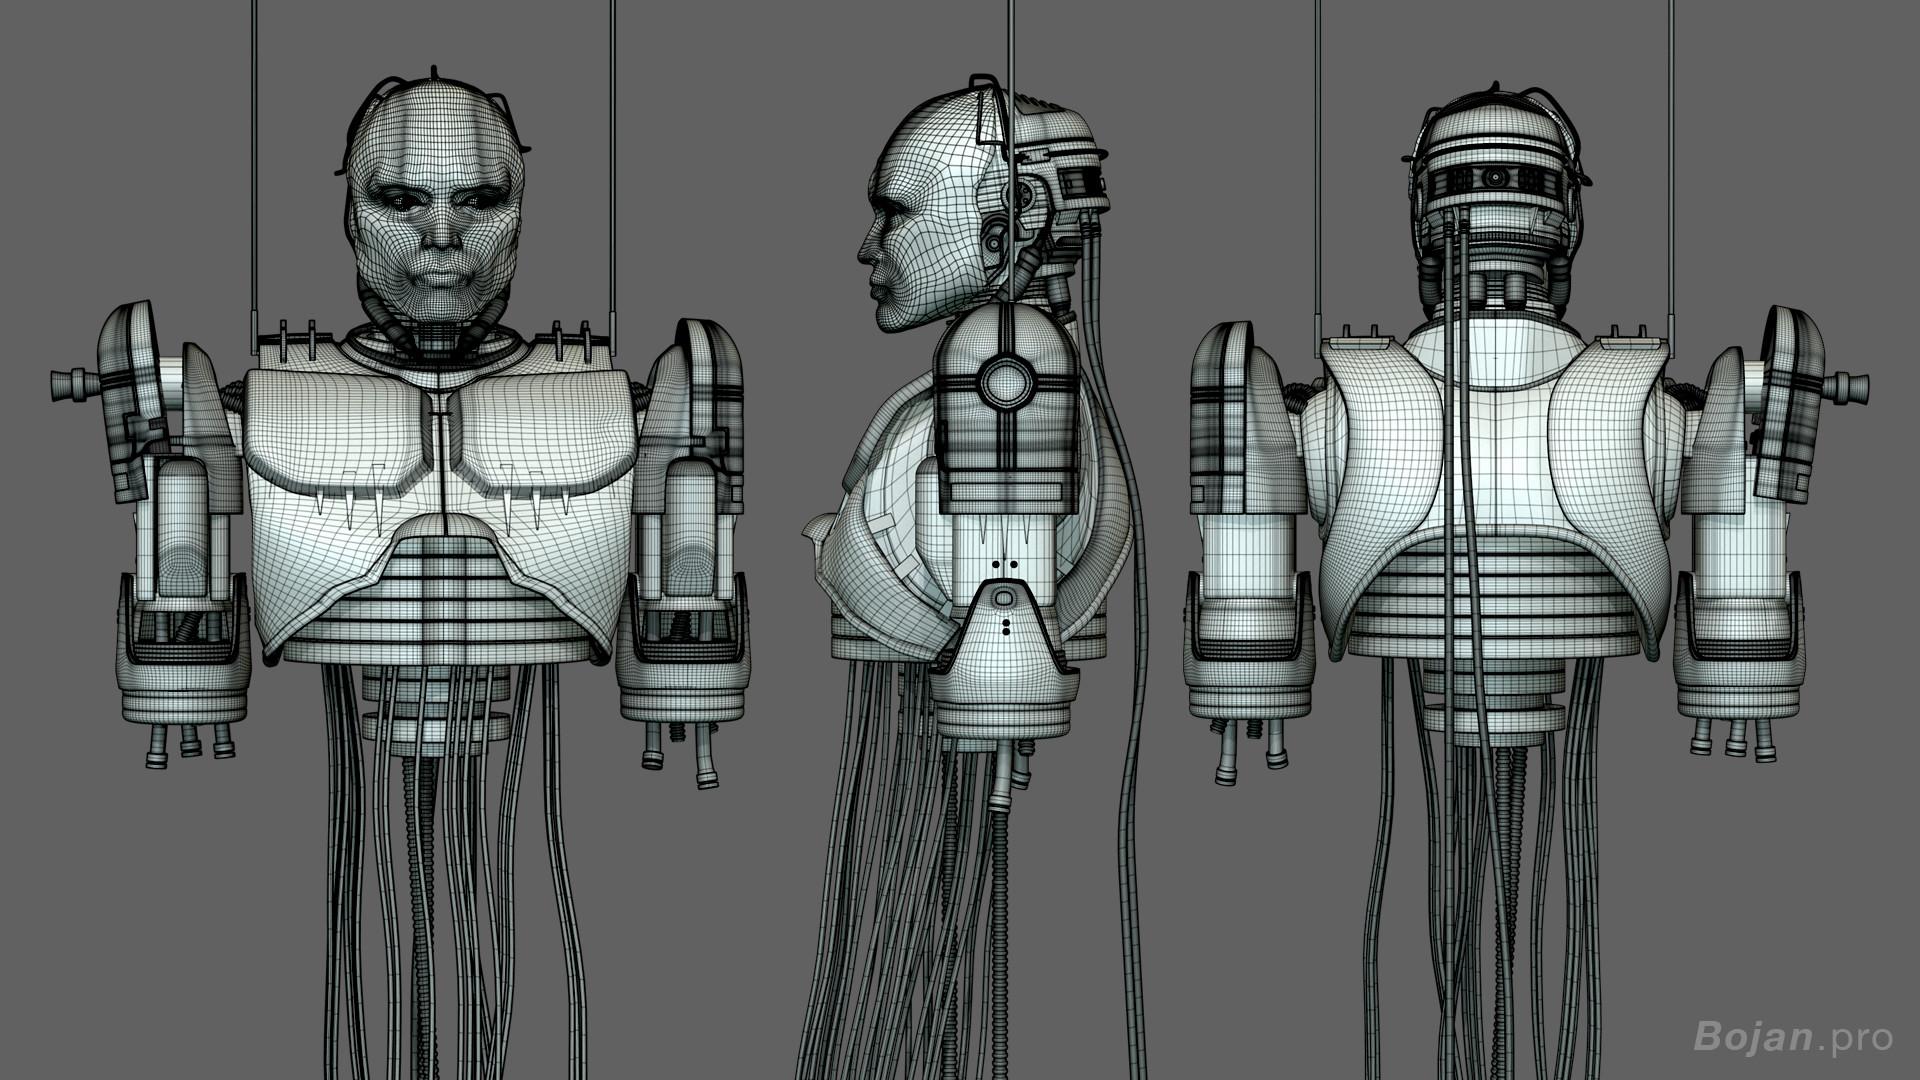 Bojan dulabic robocop breakdown 03